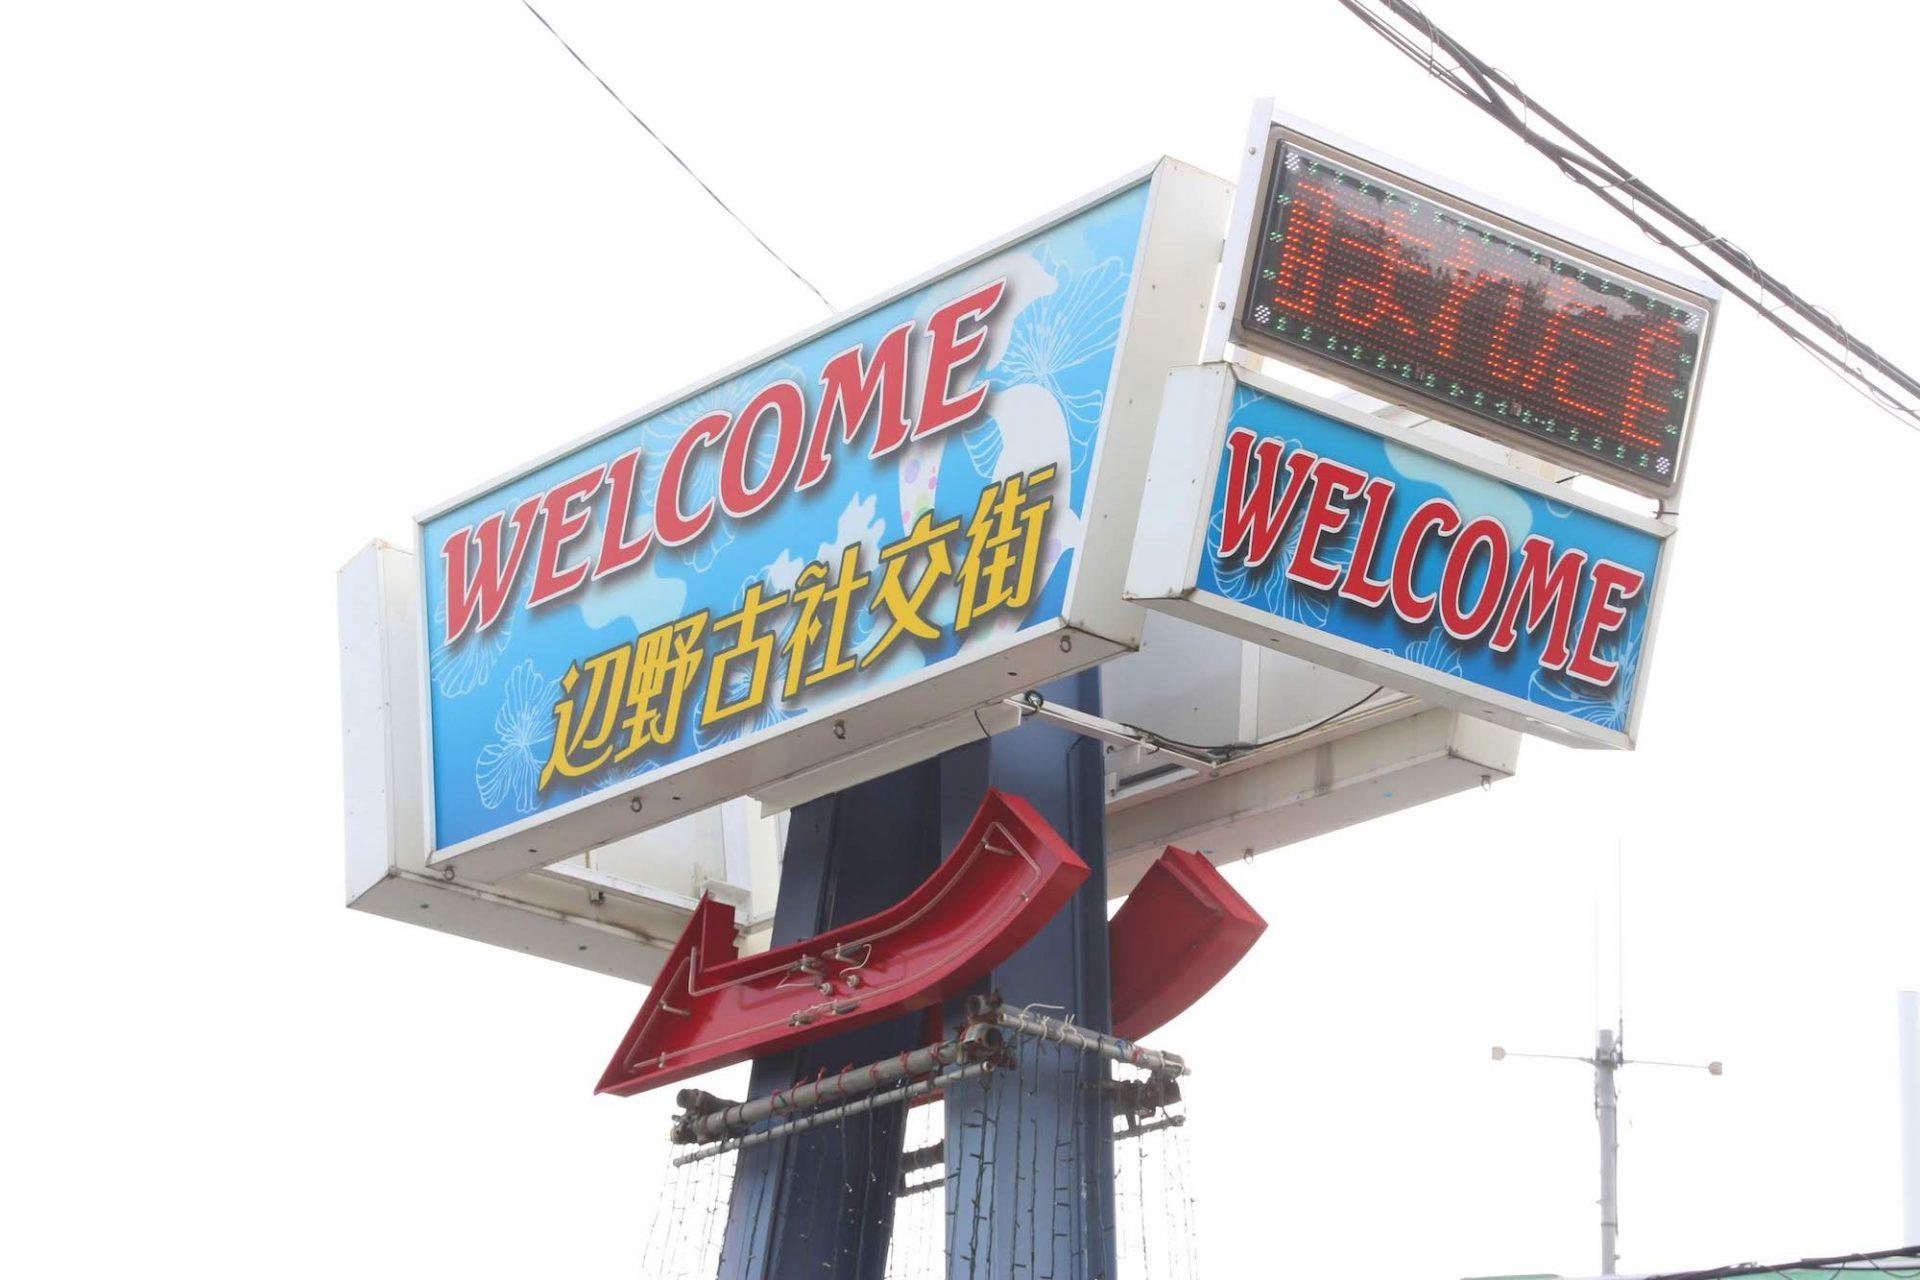 辺野古社交街への歓迎塔